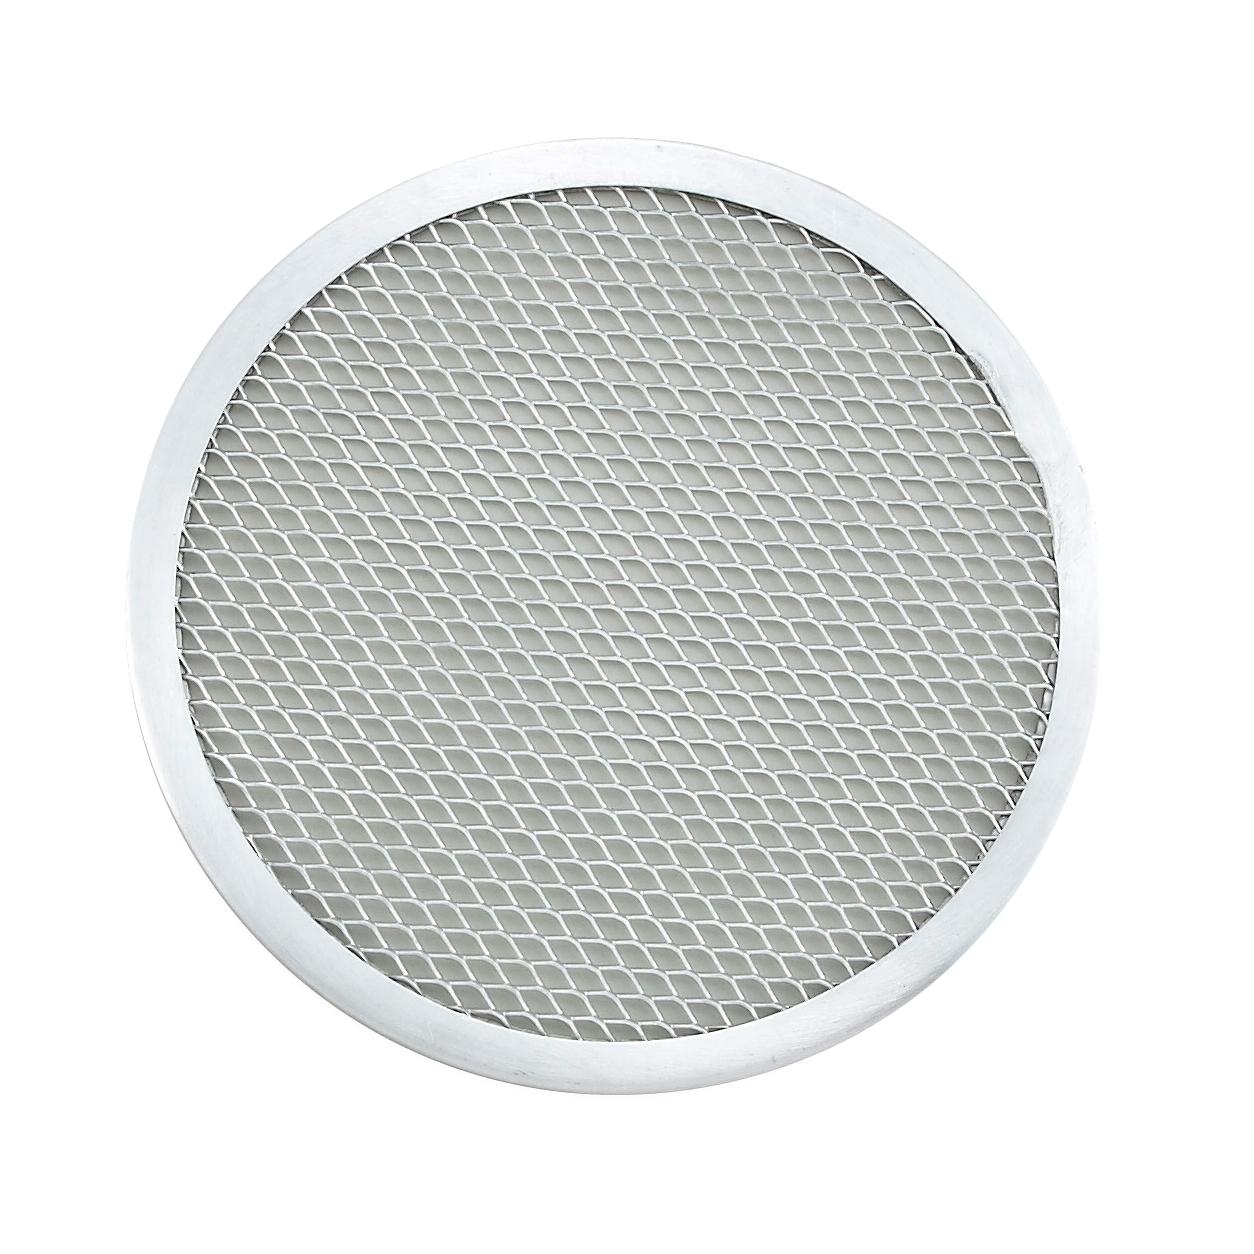 2100-39 Winco APZS-8 pizza screen